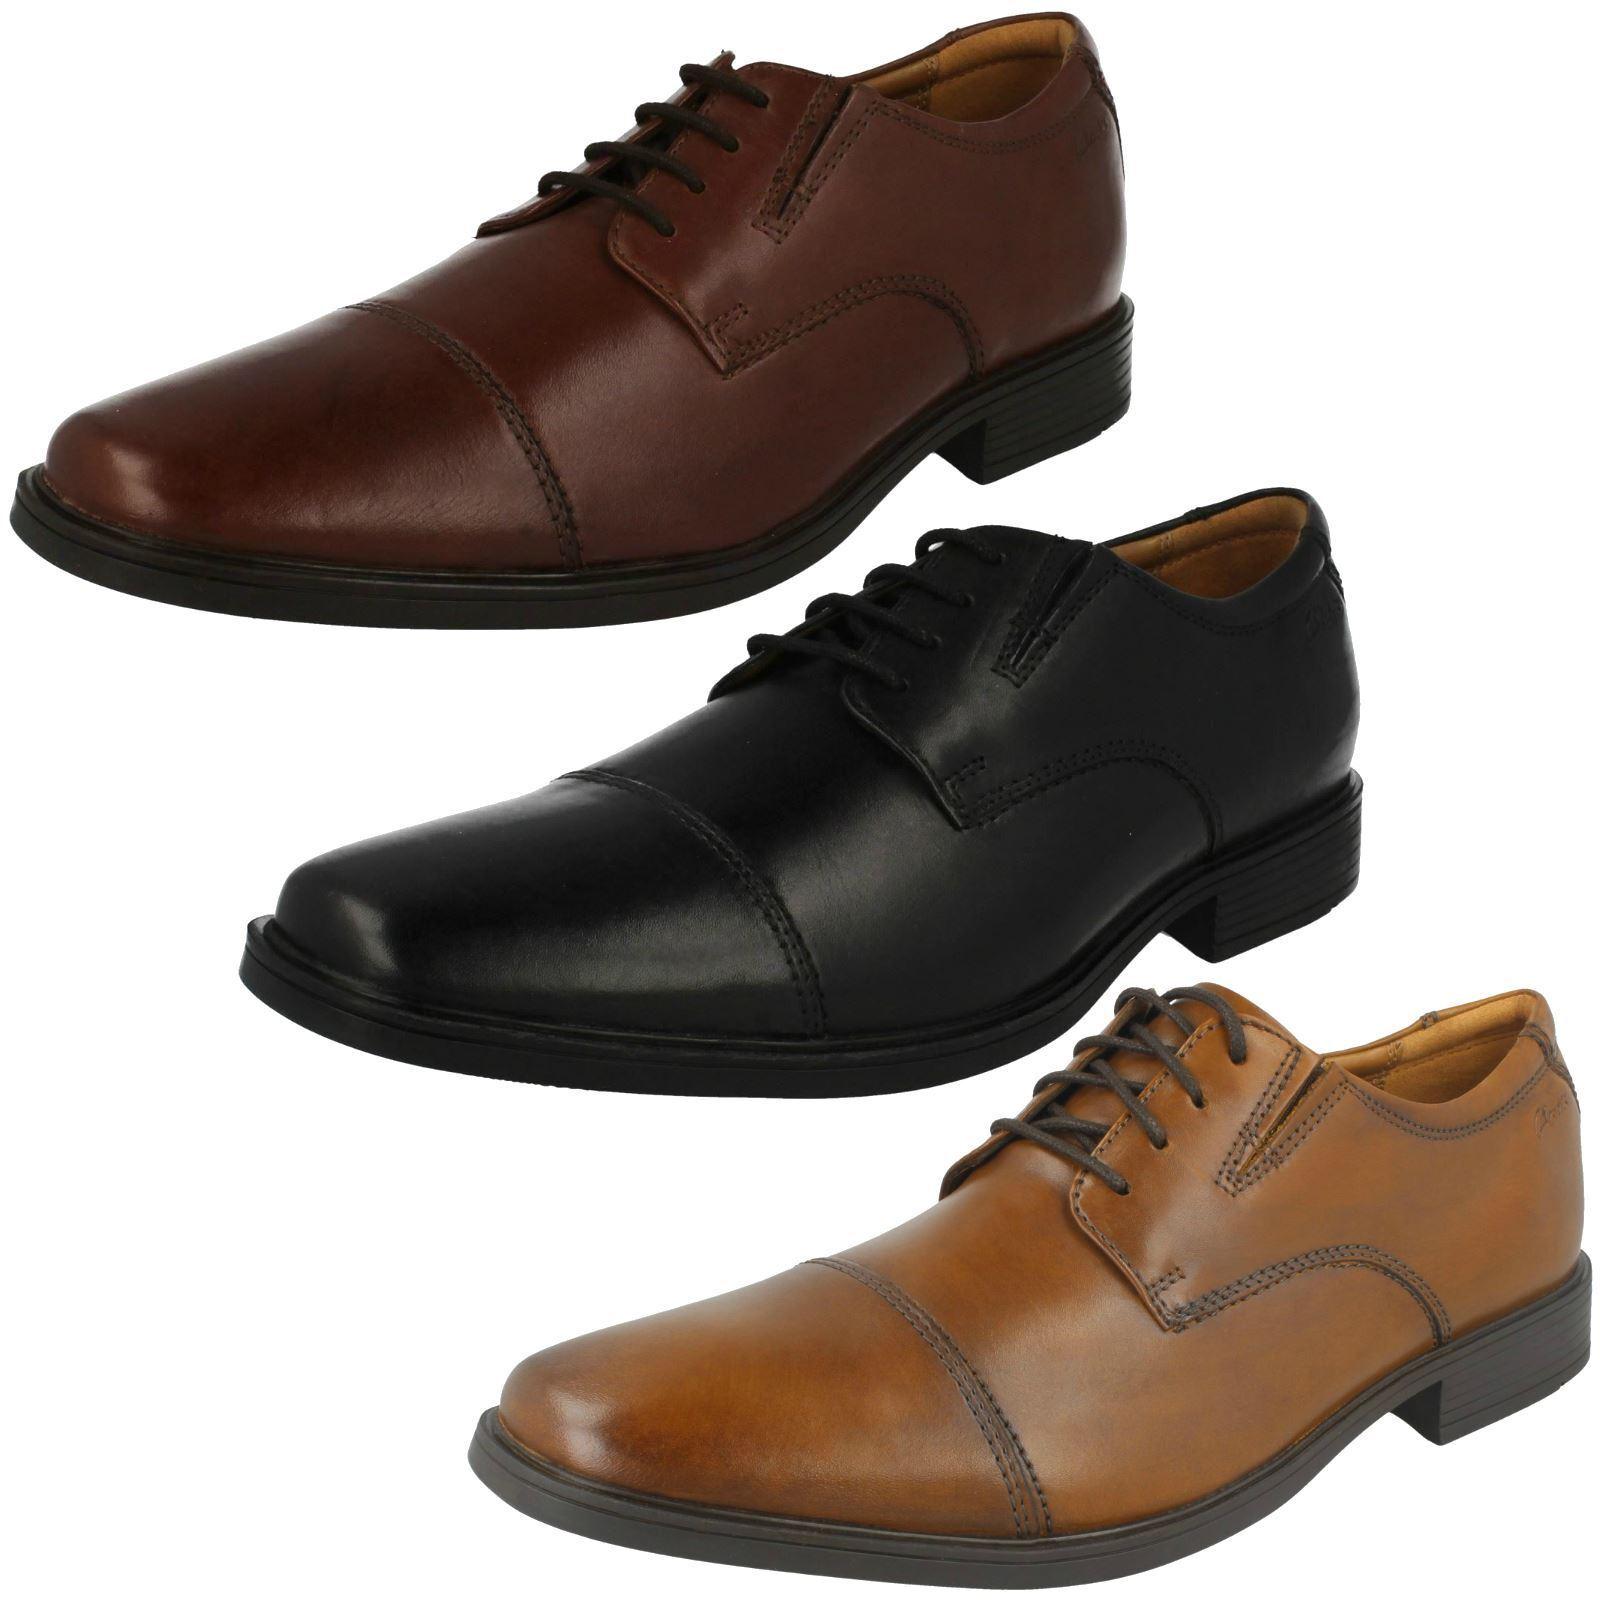 Mens Clarks Formal Shoes Tilden Cap Cap Tilden 406c4f